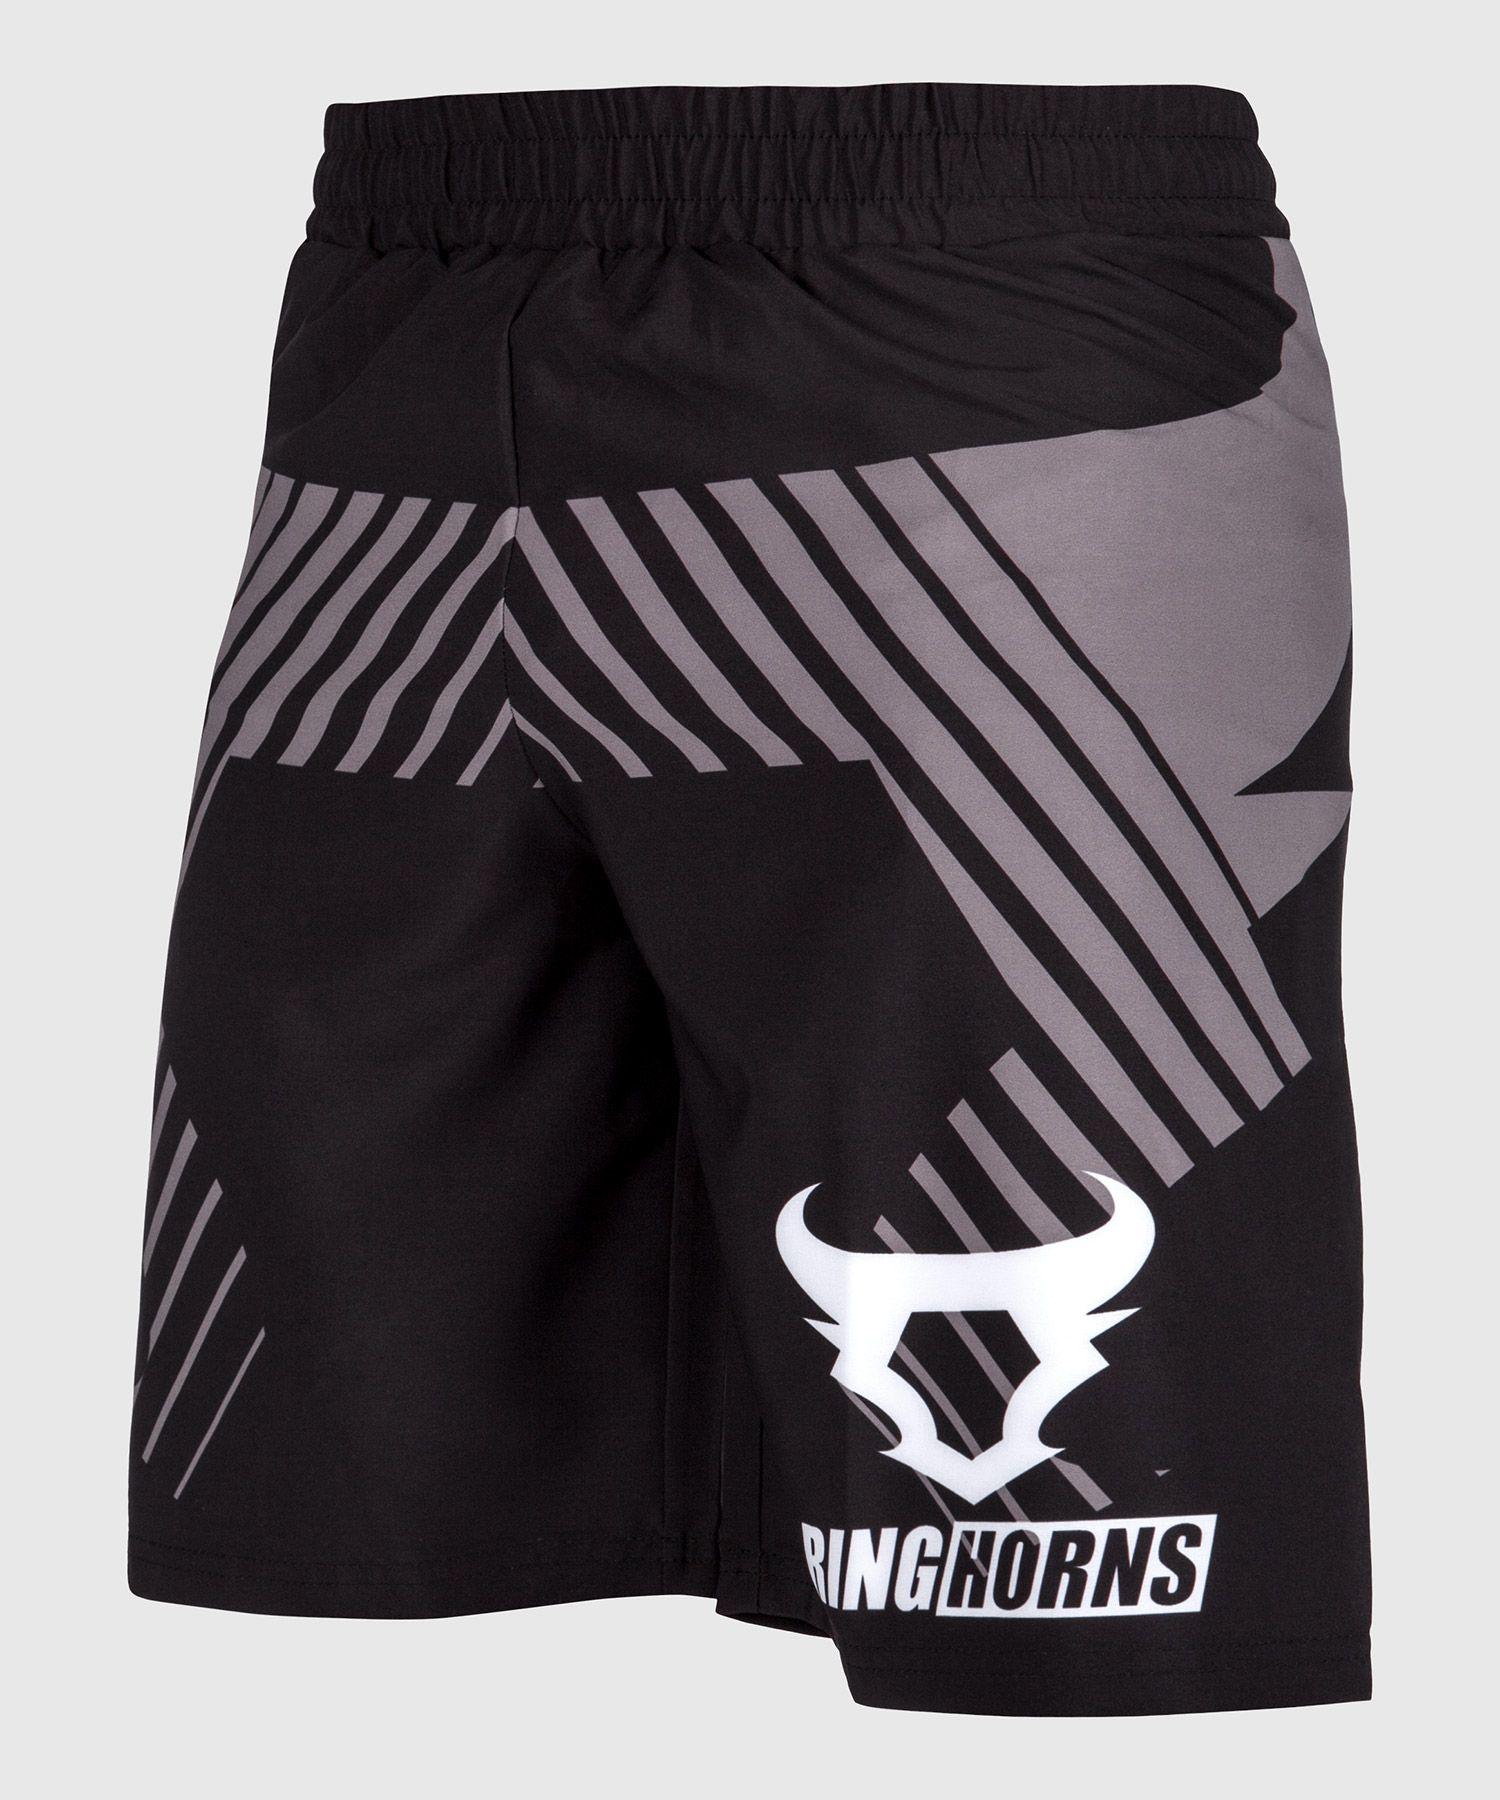 Спортивные шорты Ringhorns Charger – черные